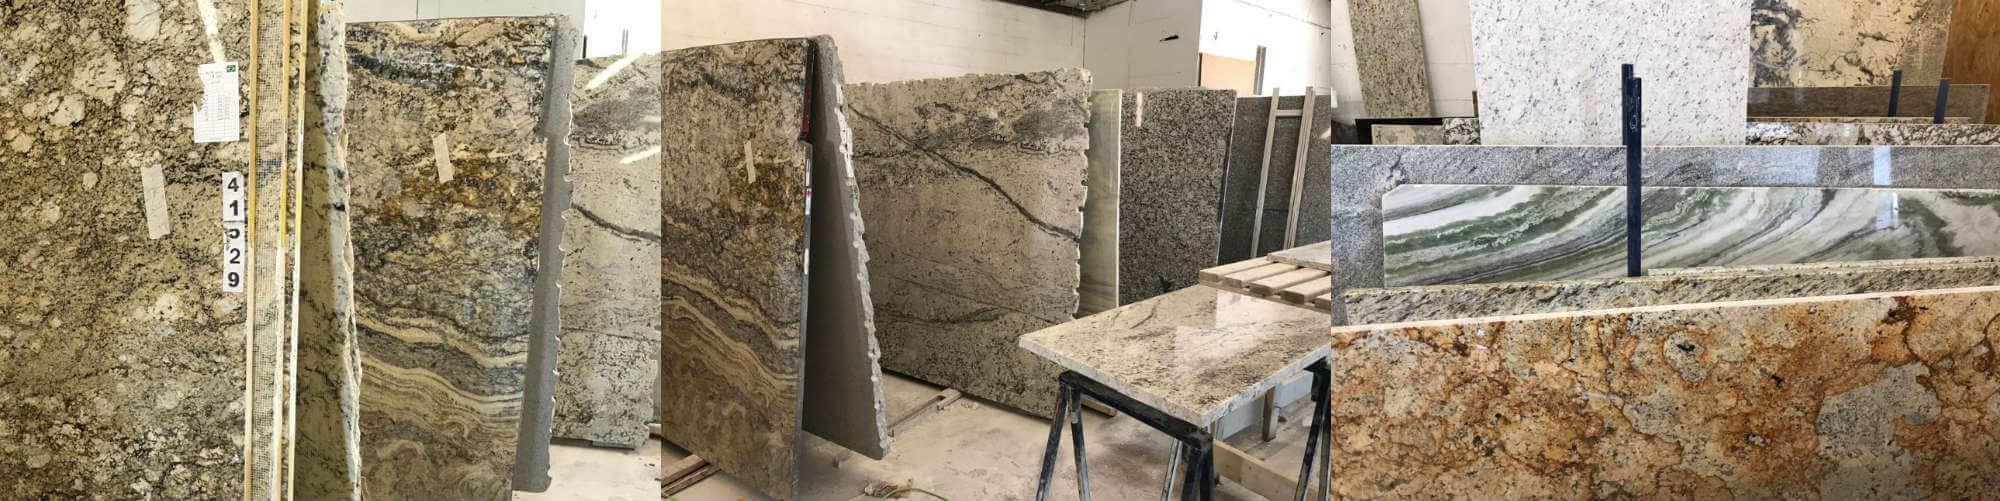 Best Granite Countertops in Cleveland Kitchen Quartz Marble Vanity Tops